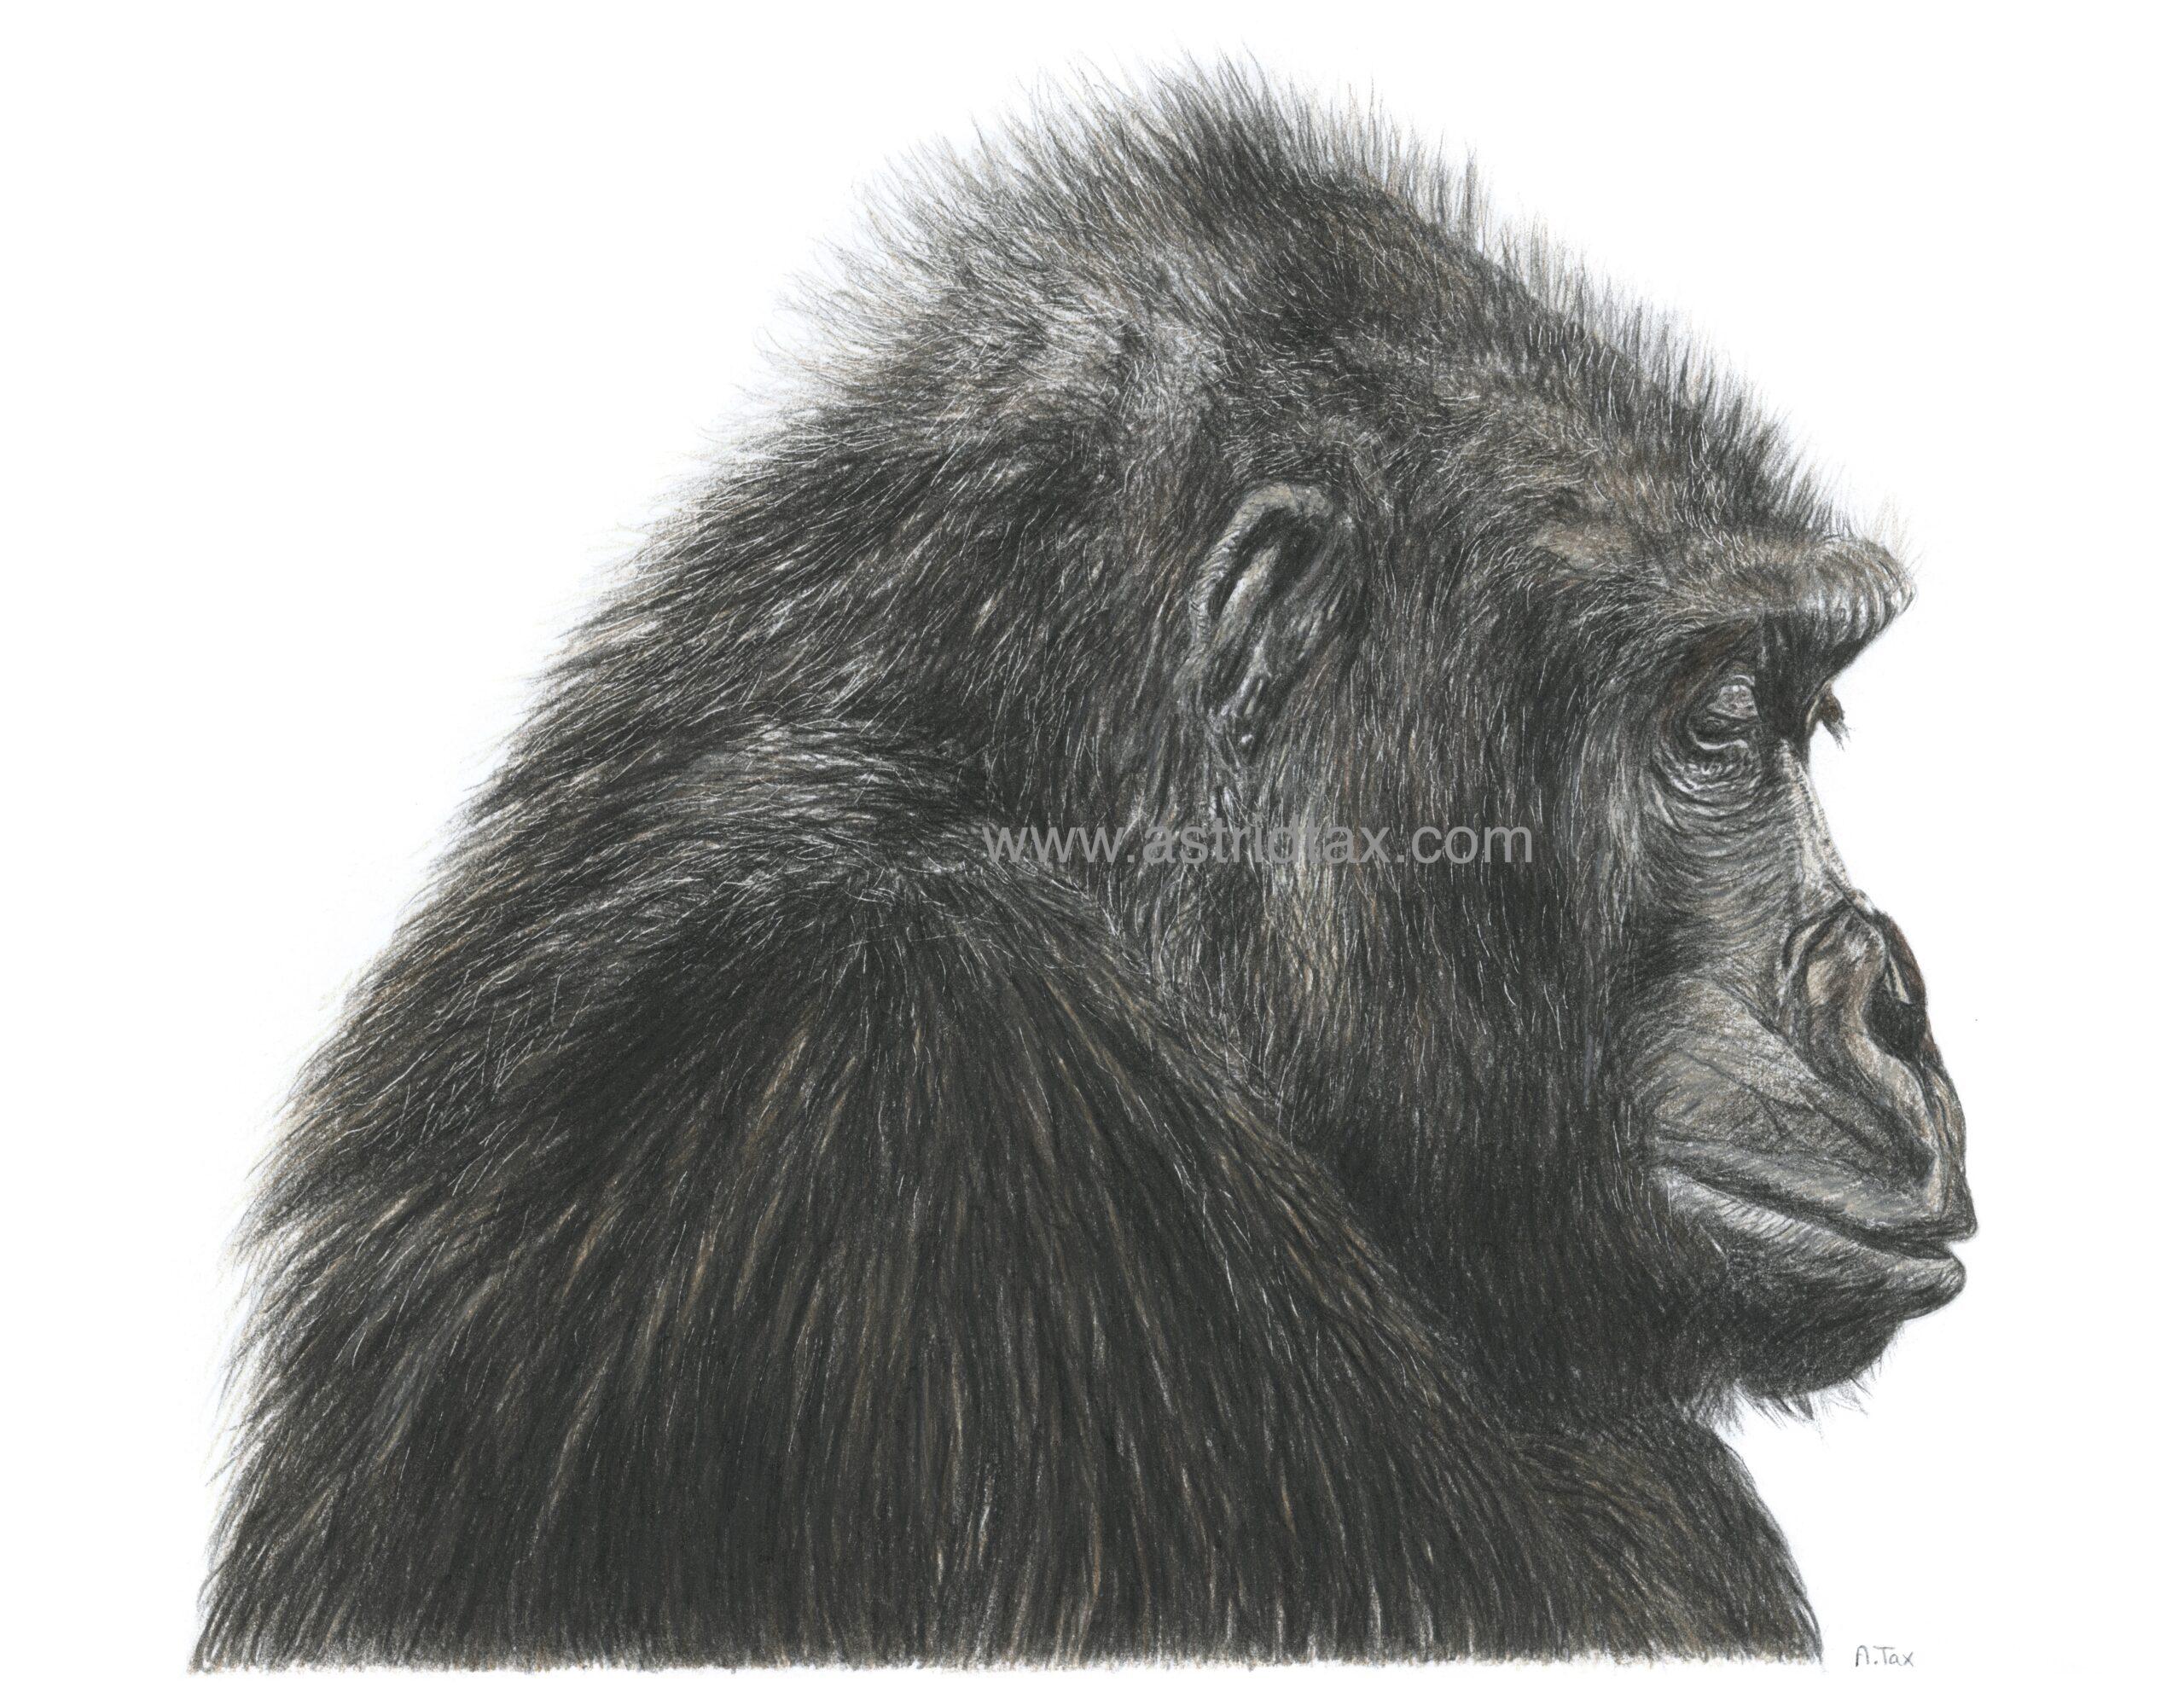 Gorilla met tekst